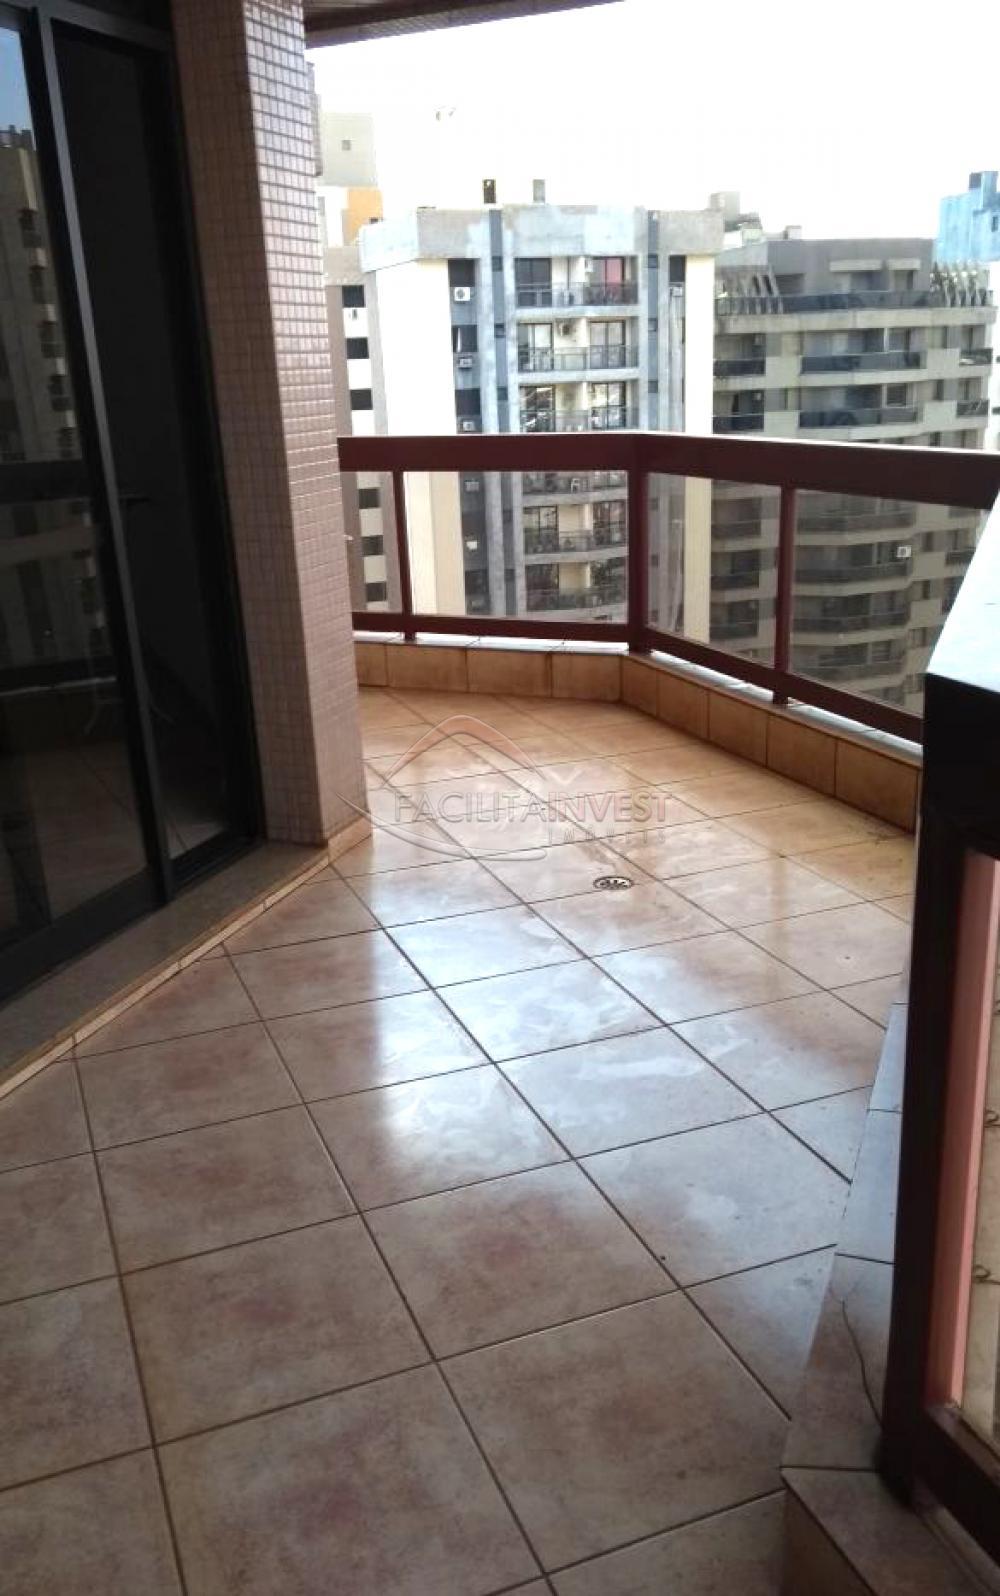 Alugar Apartamentos / Apart. Padrão em Ribeirão Preto apenas R$ 1.400,00 - Foto 5